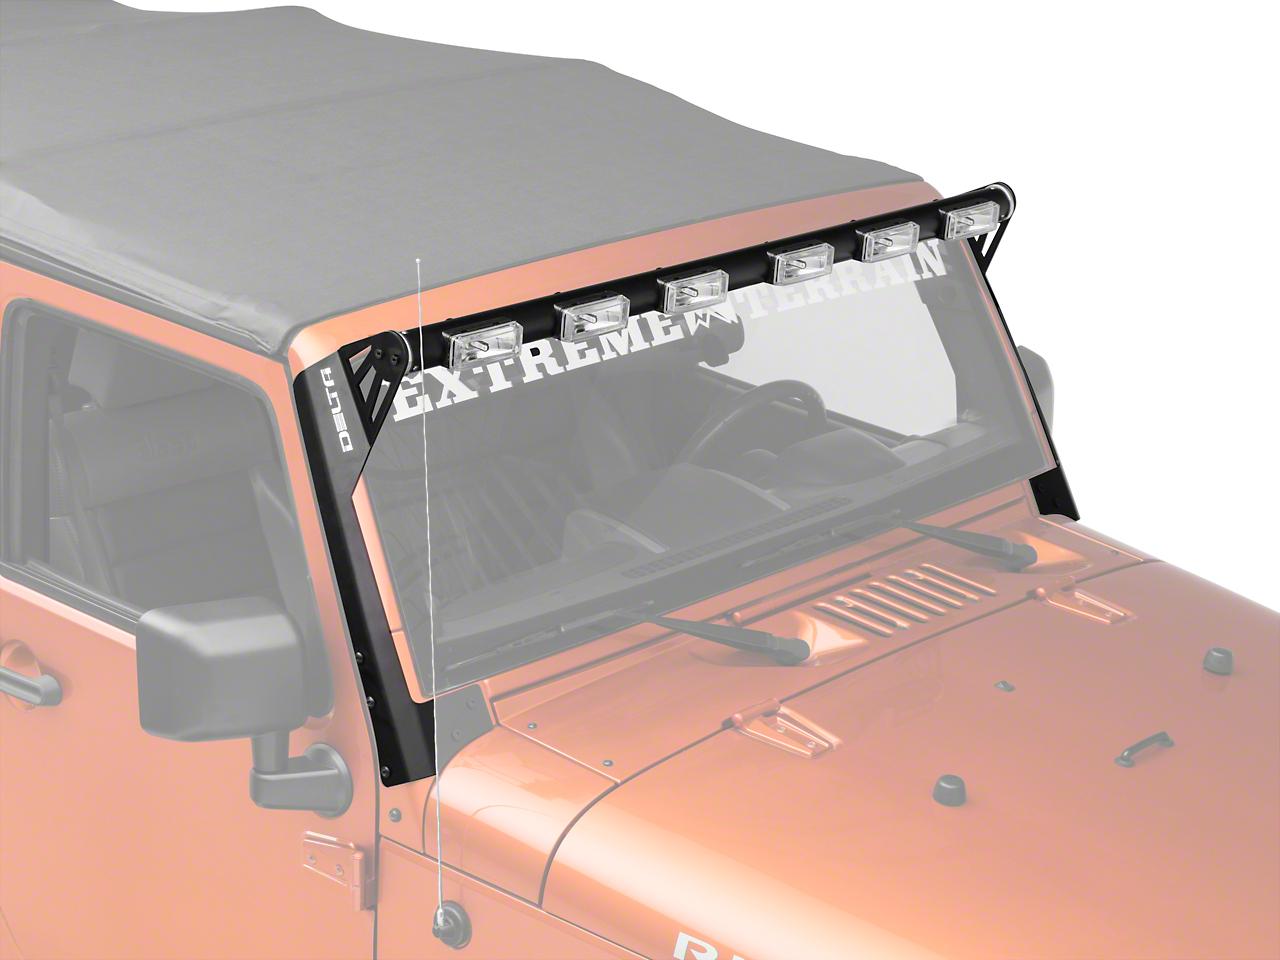 Delta 52 inch Shield Tubular Long Range LED Light Bar w/ Mounting Brackets (07-18 Wrangler JK; 2018 Wrangler JL)